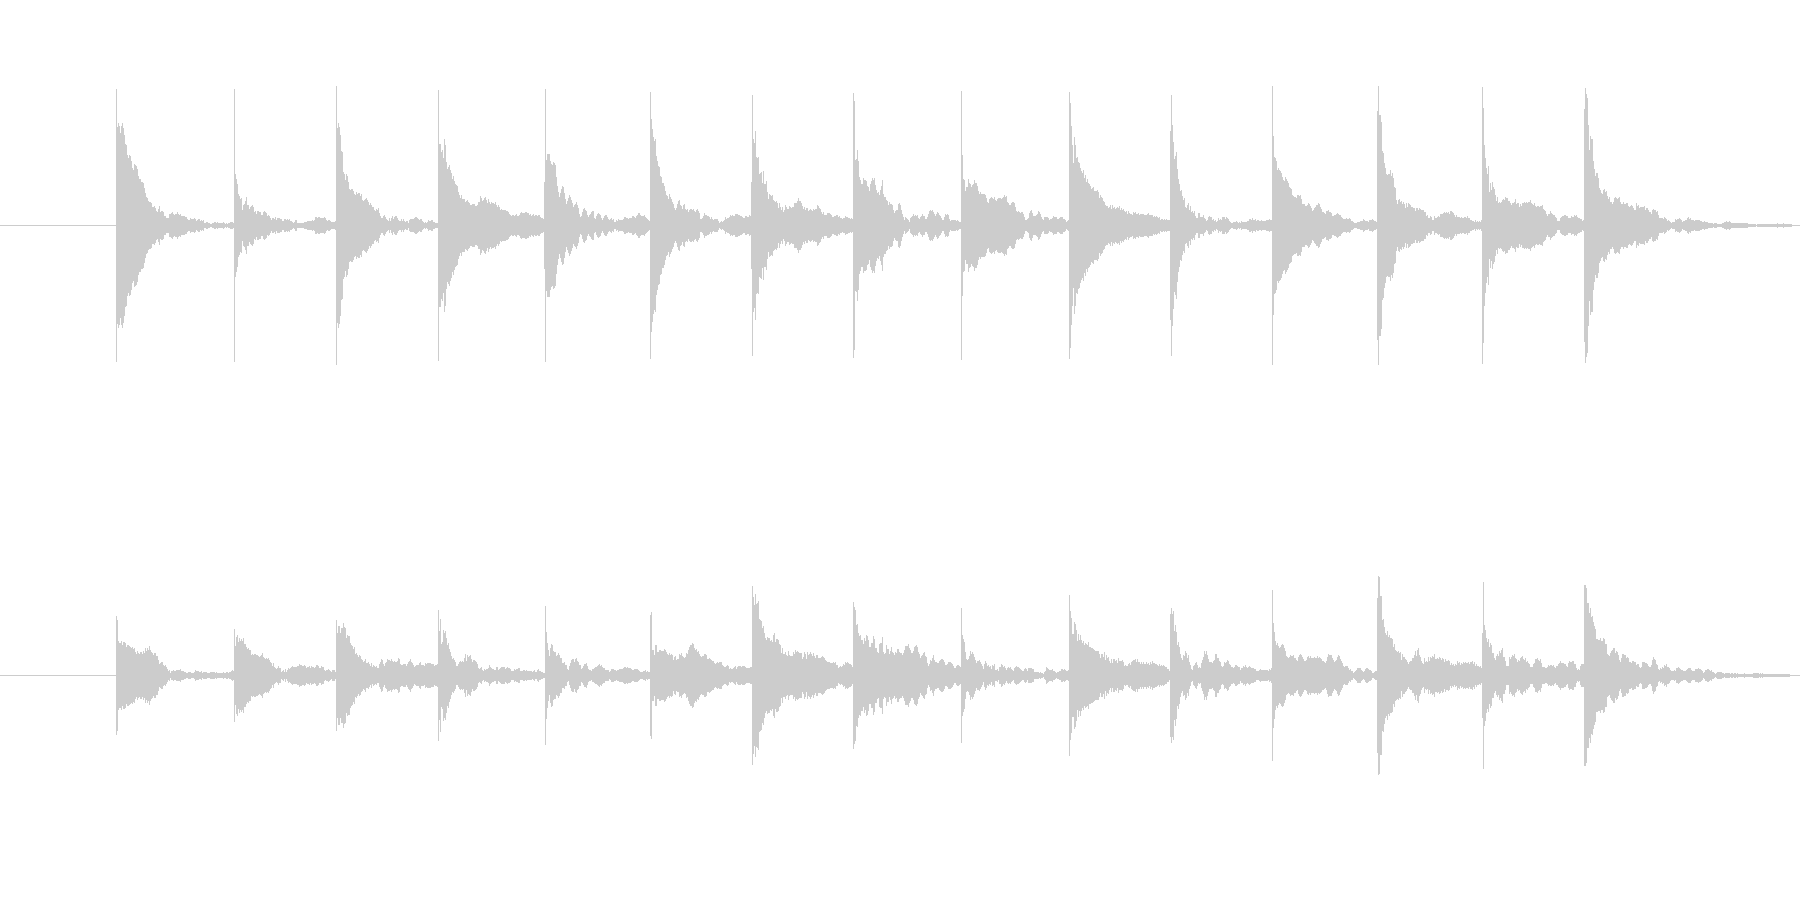 木琴の音 トリッキー ちょっとびっくりの未再生の波形